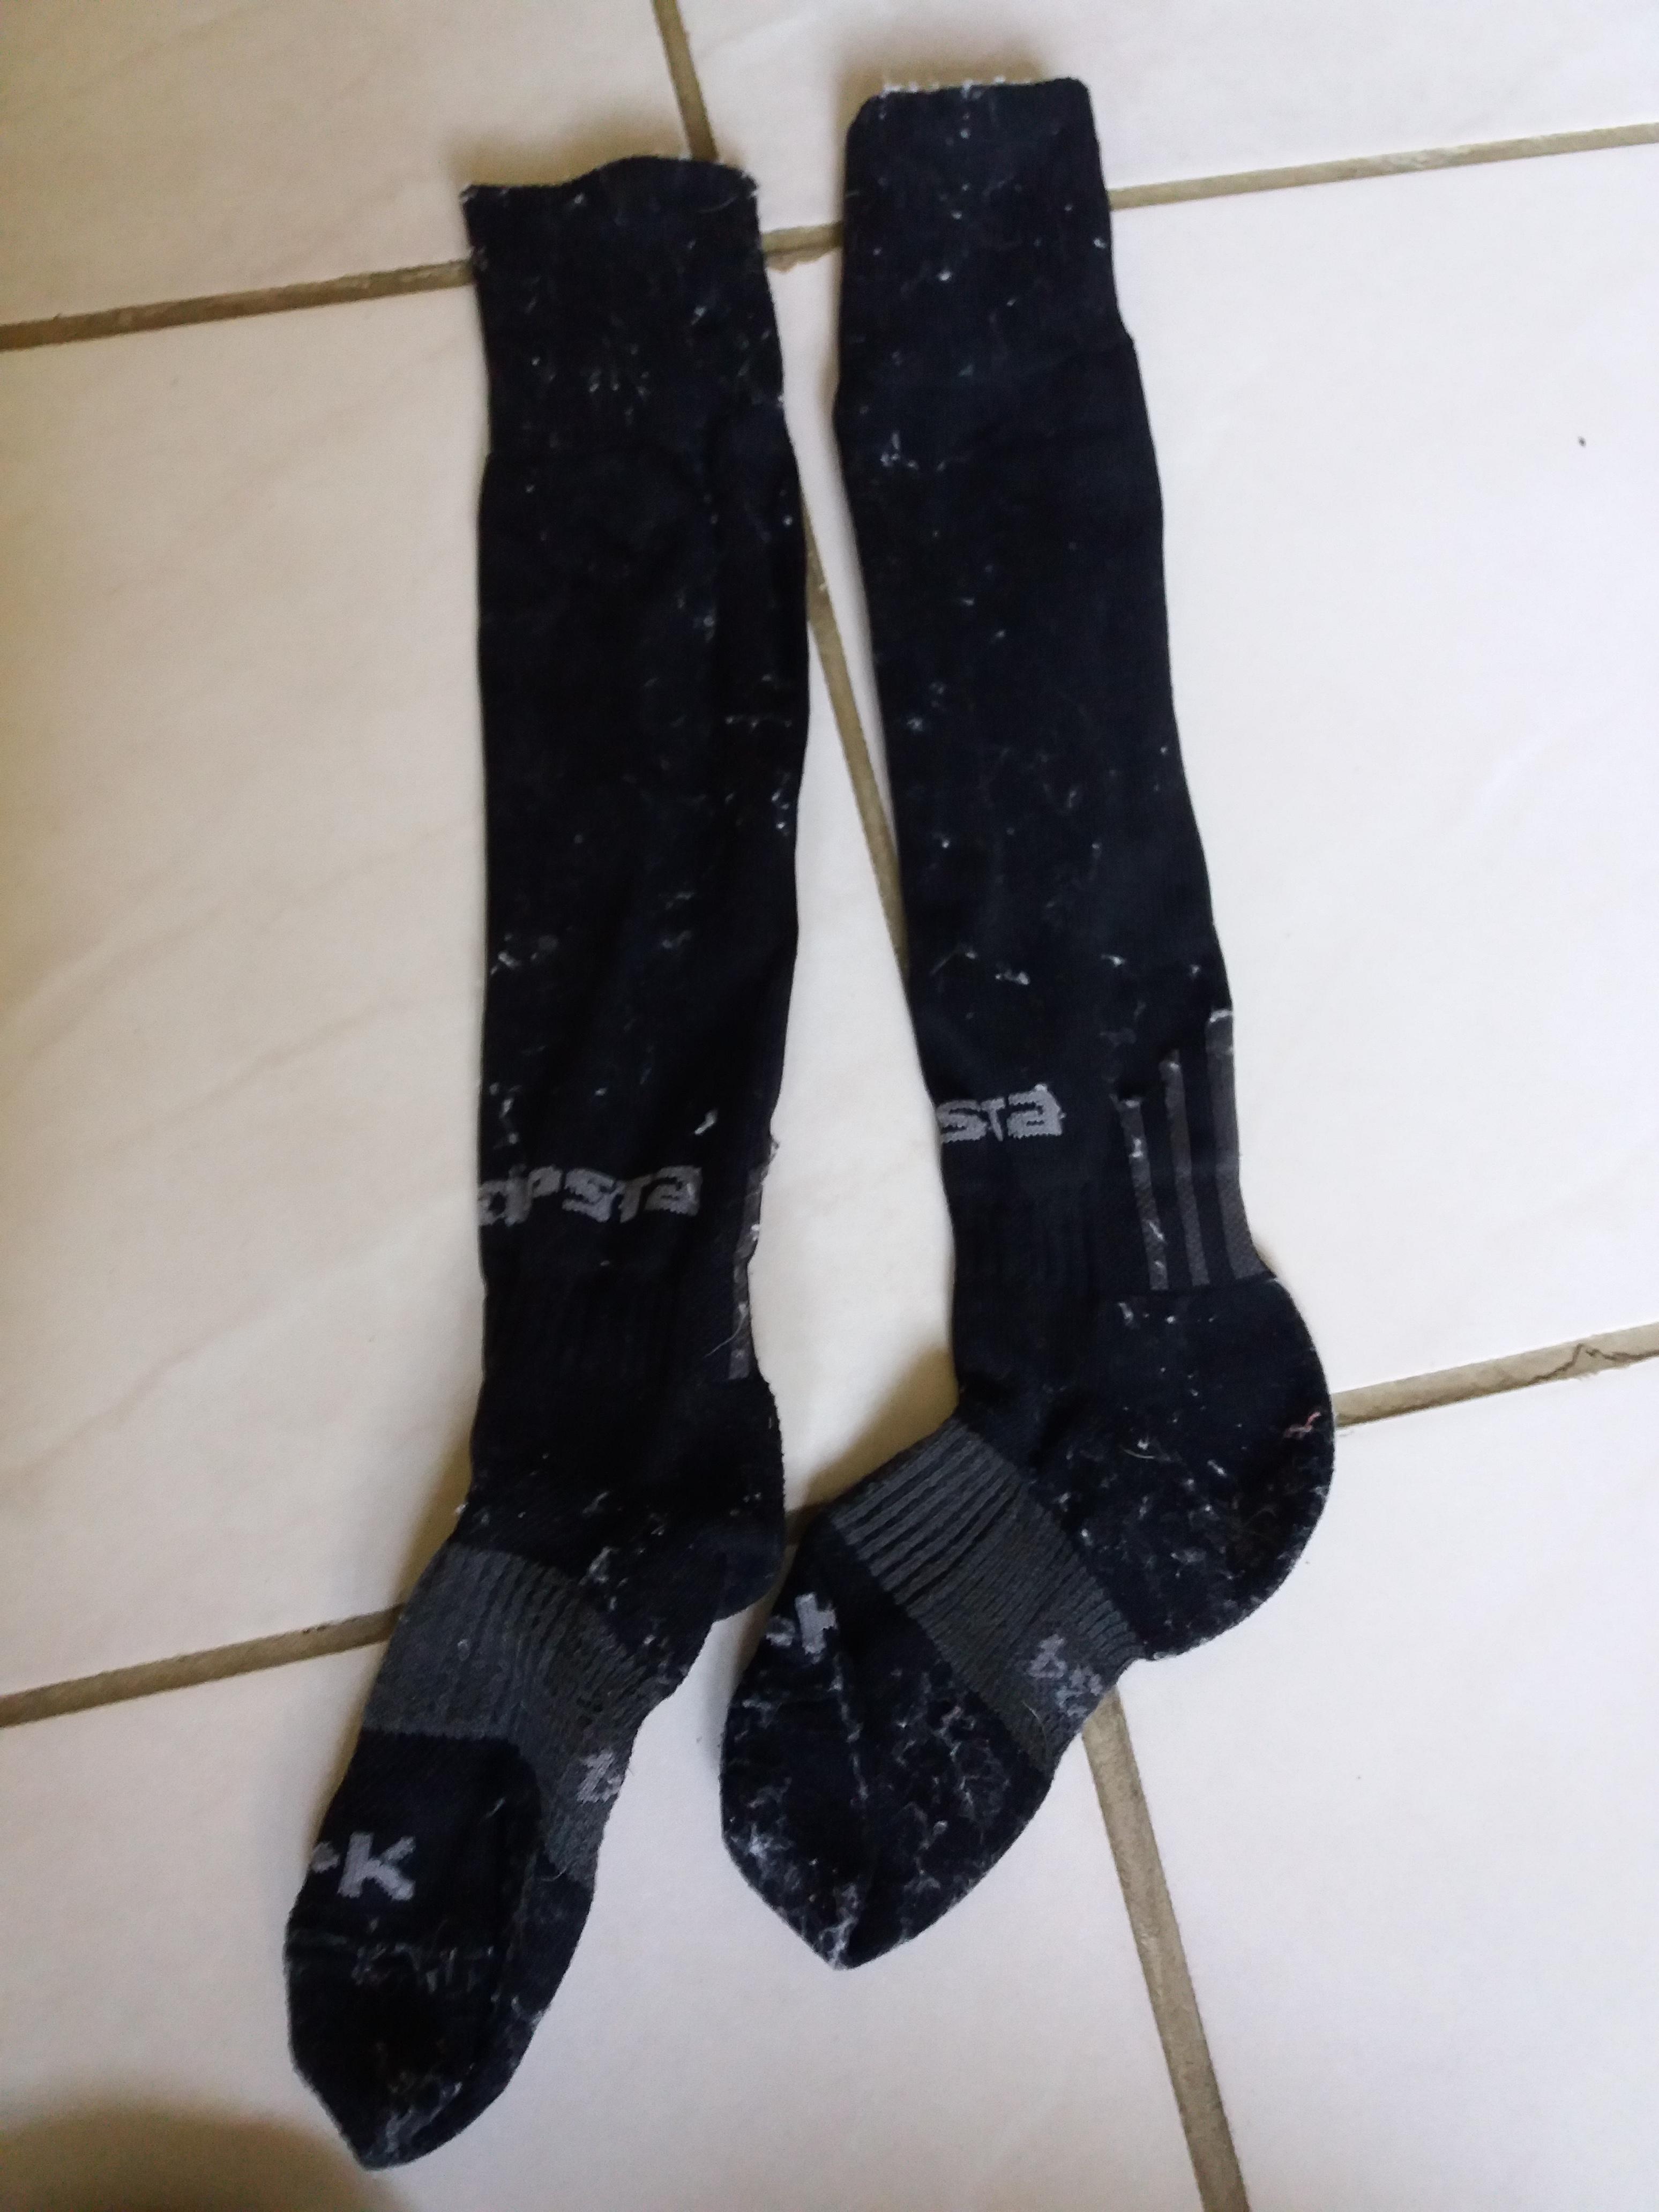 troc de troc chaussettes rugby image 0